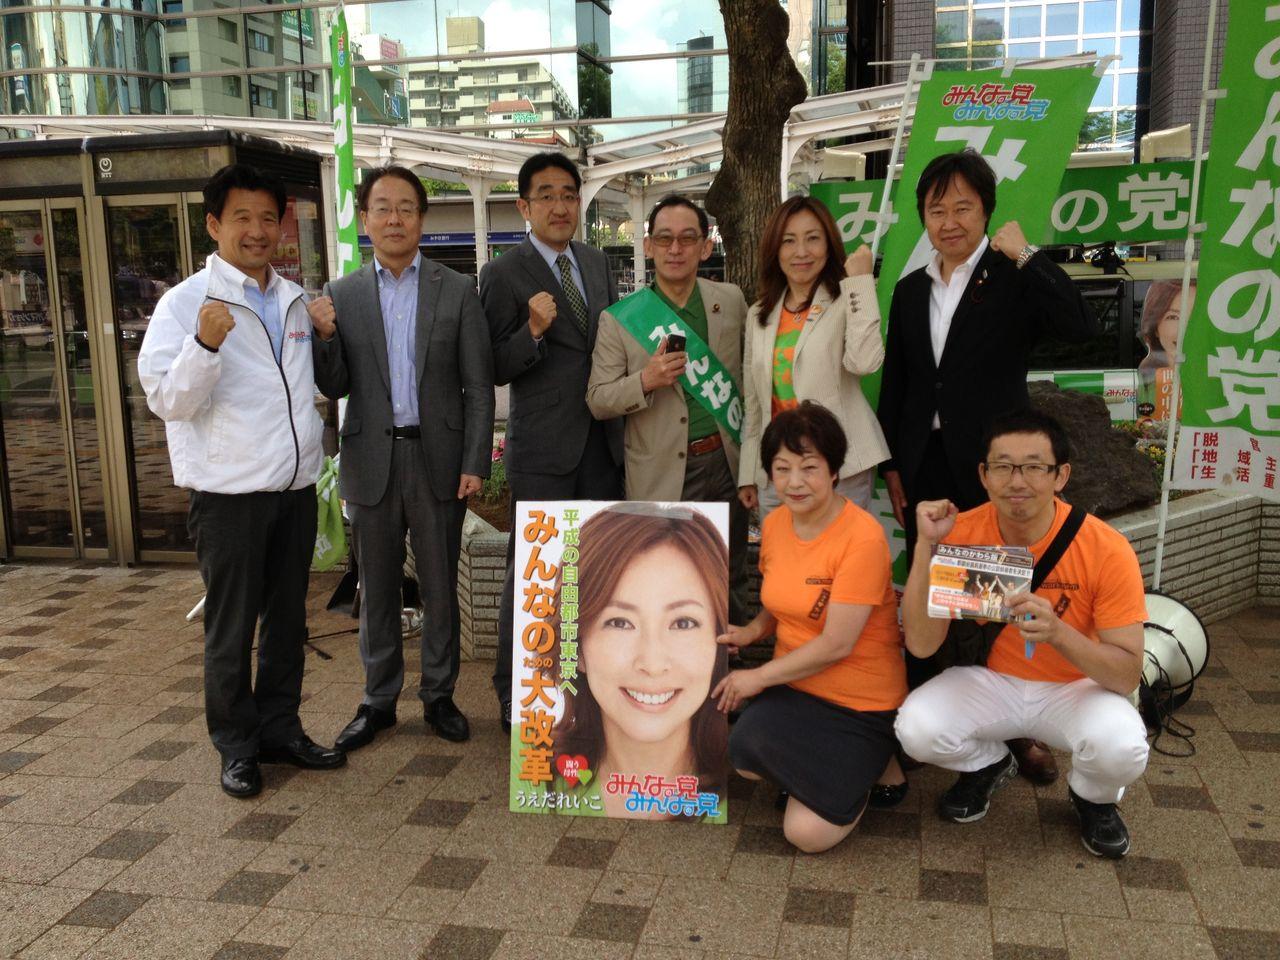 067 今週28日に、みんなの党の地方議員勉強会がありました。みんなの党の真骨... 東京都議会